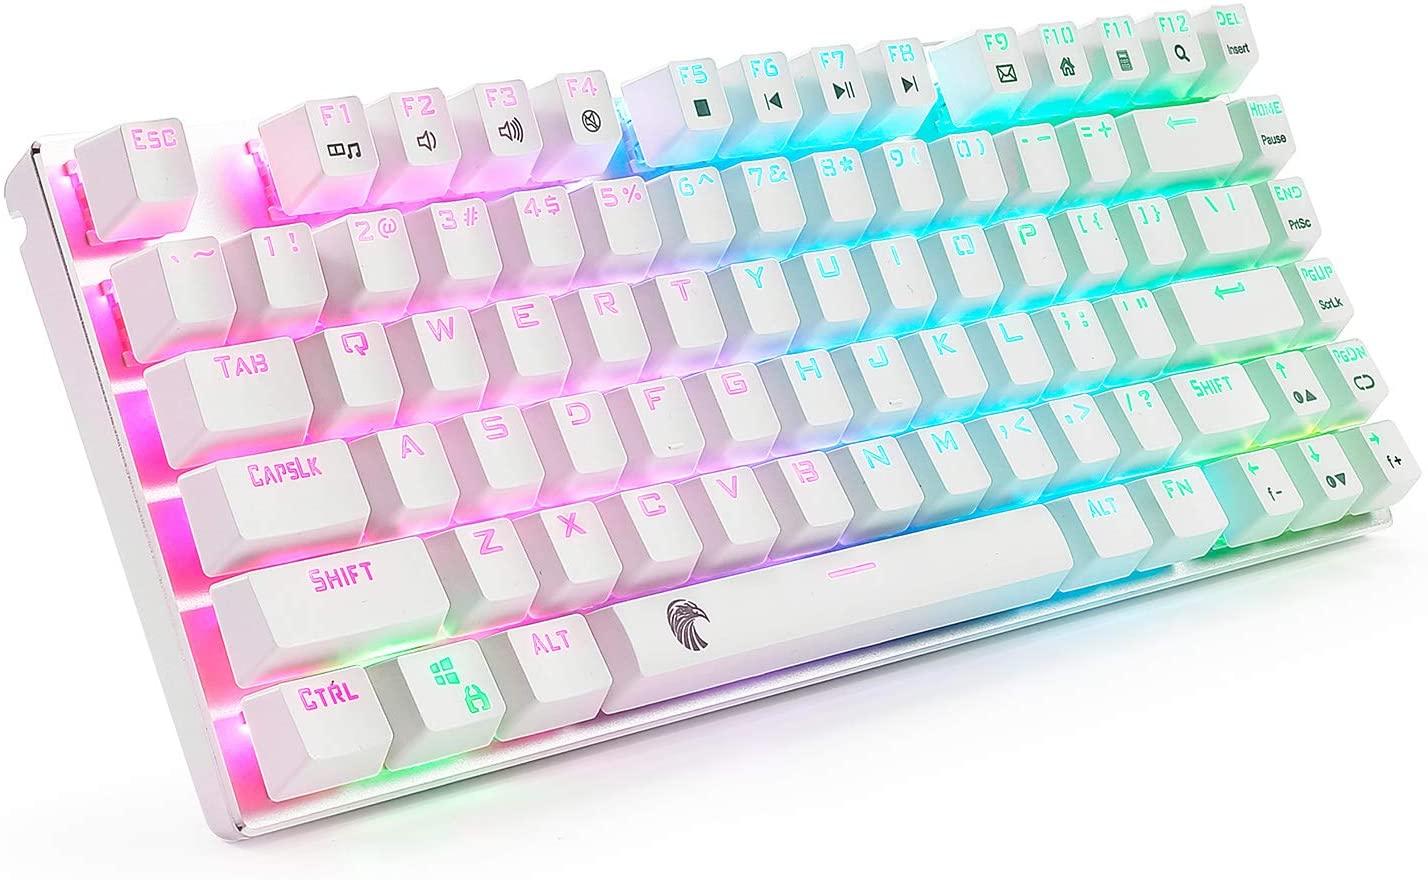 HUO JI Z88 Z-88 RGB Mechanical Gaming Keyboard